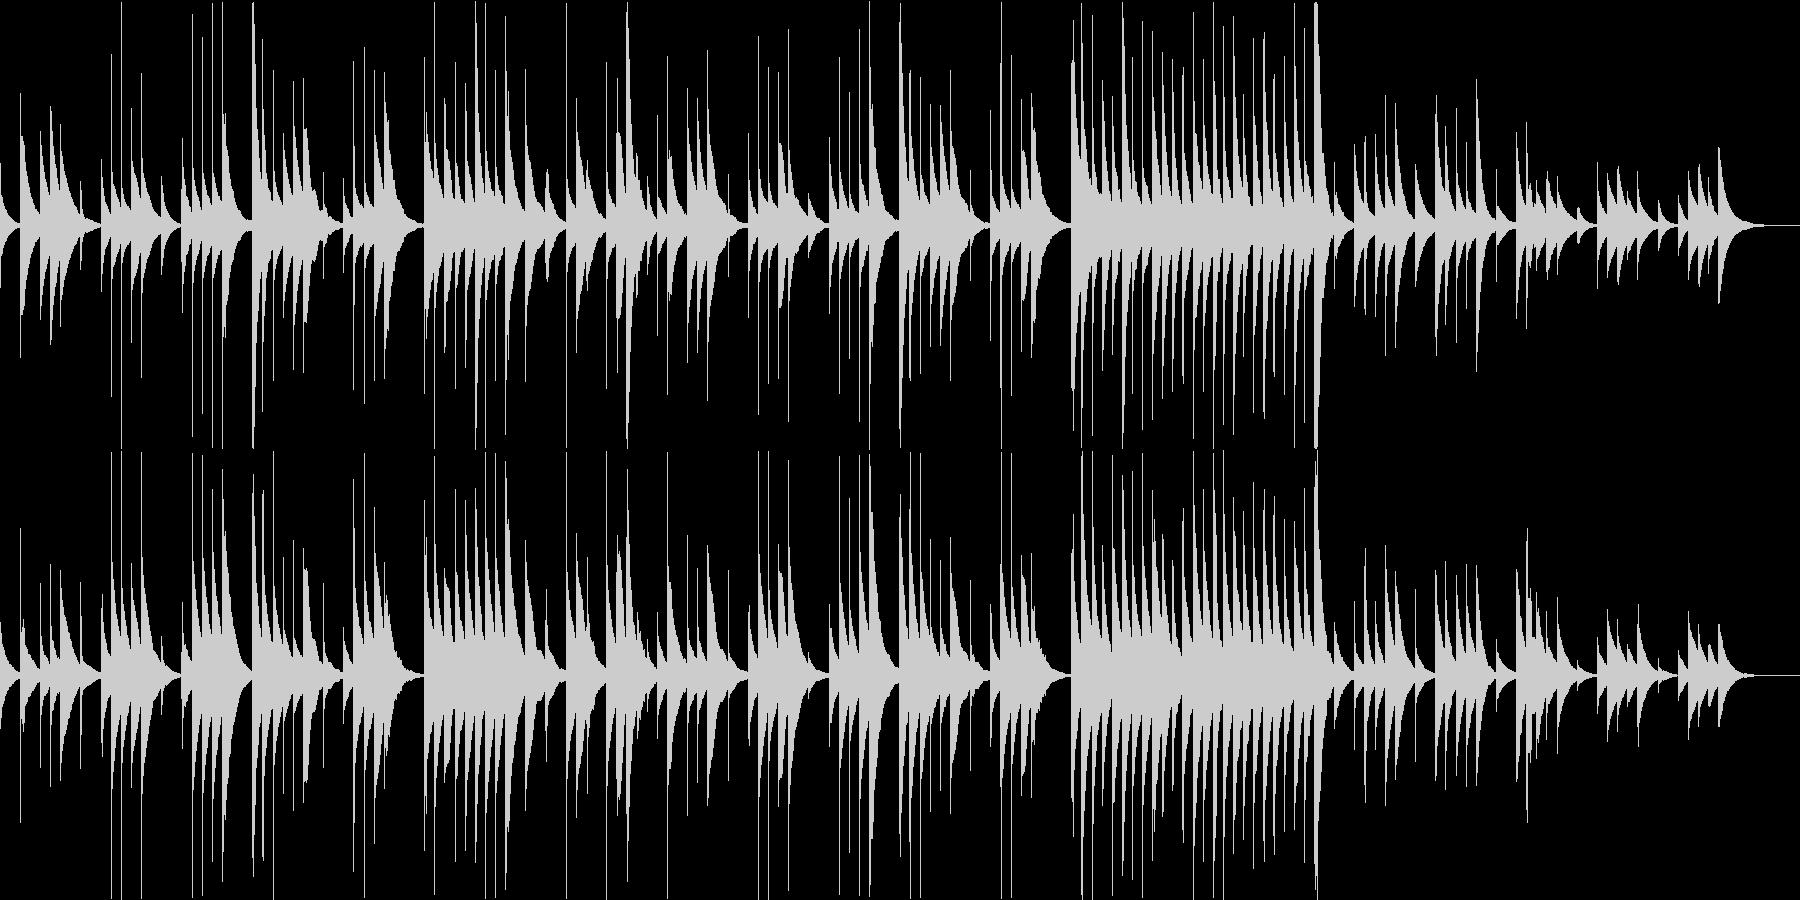 別れの曲のオルゴールアレンジ/ループokの未再生の波形